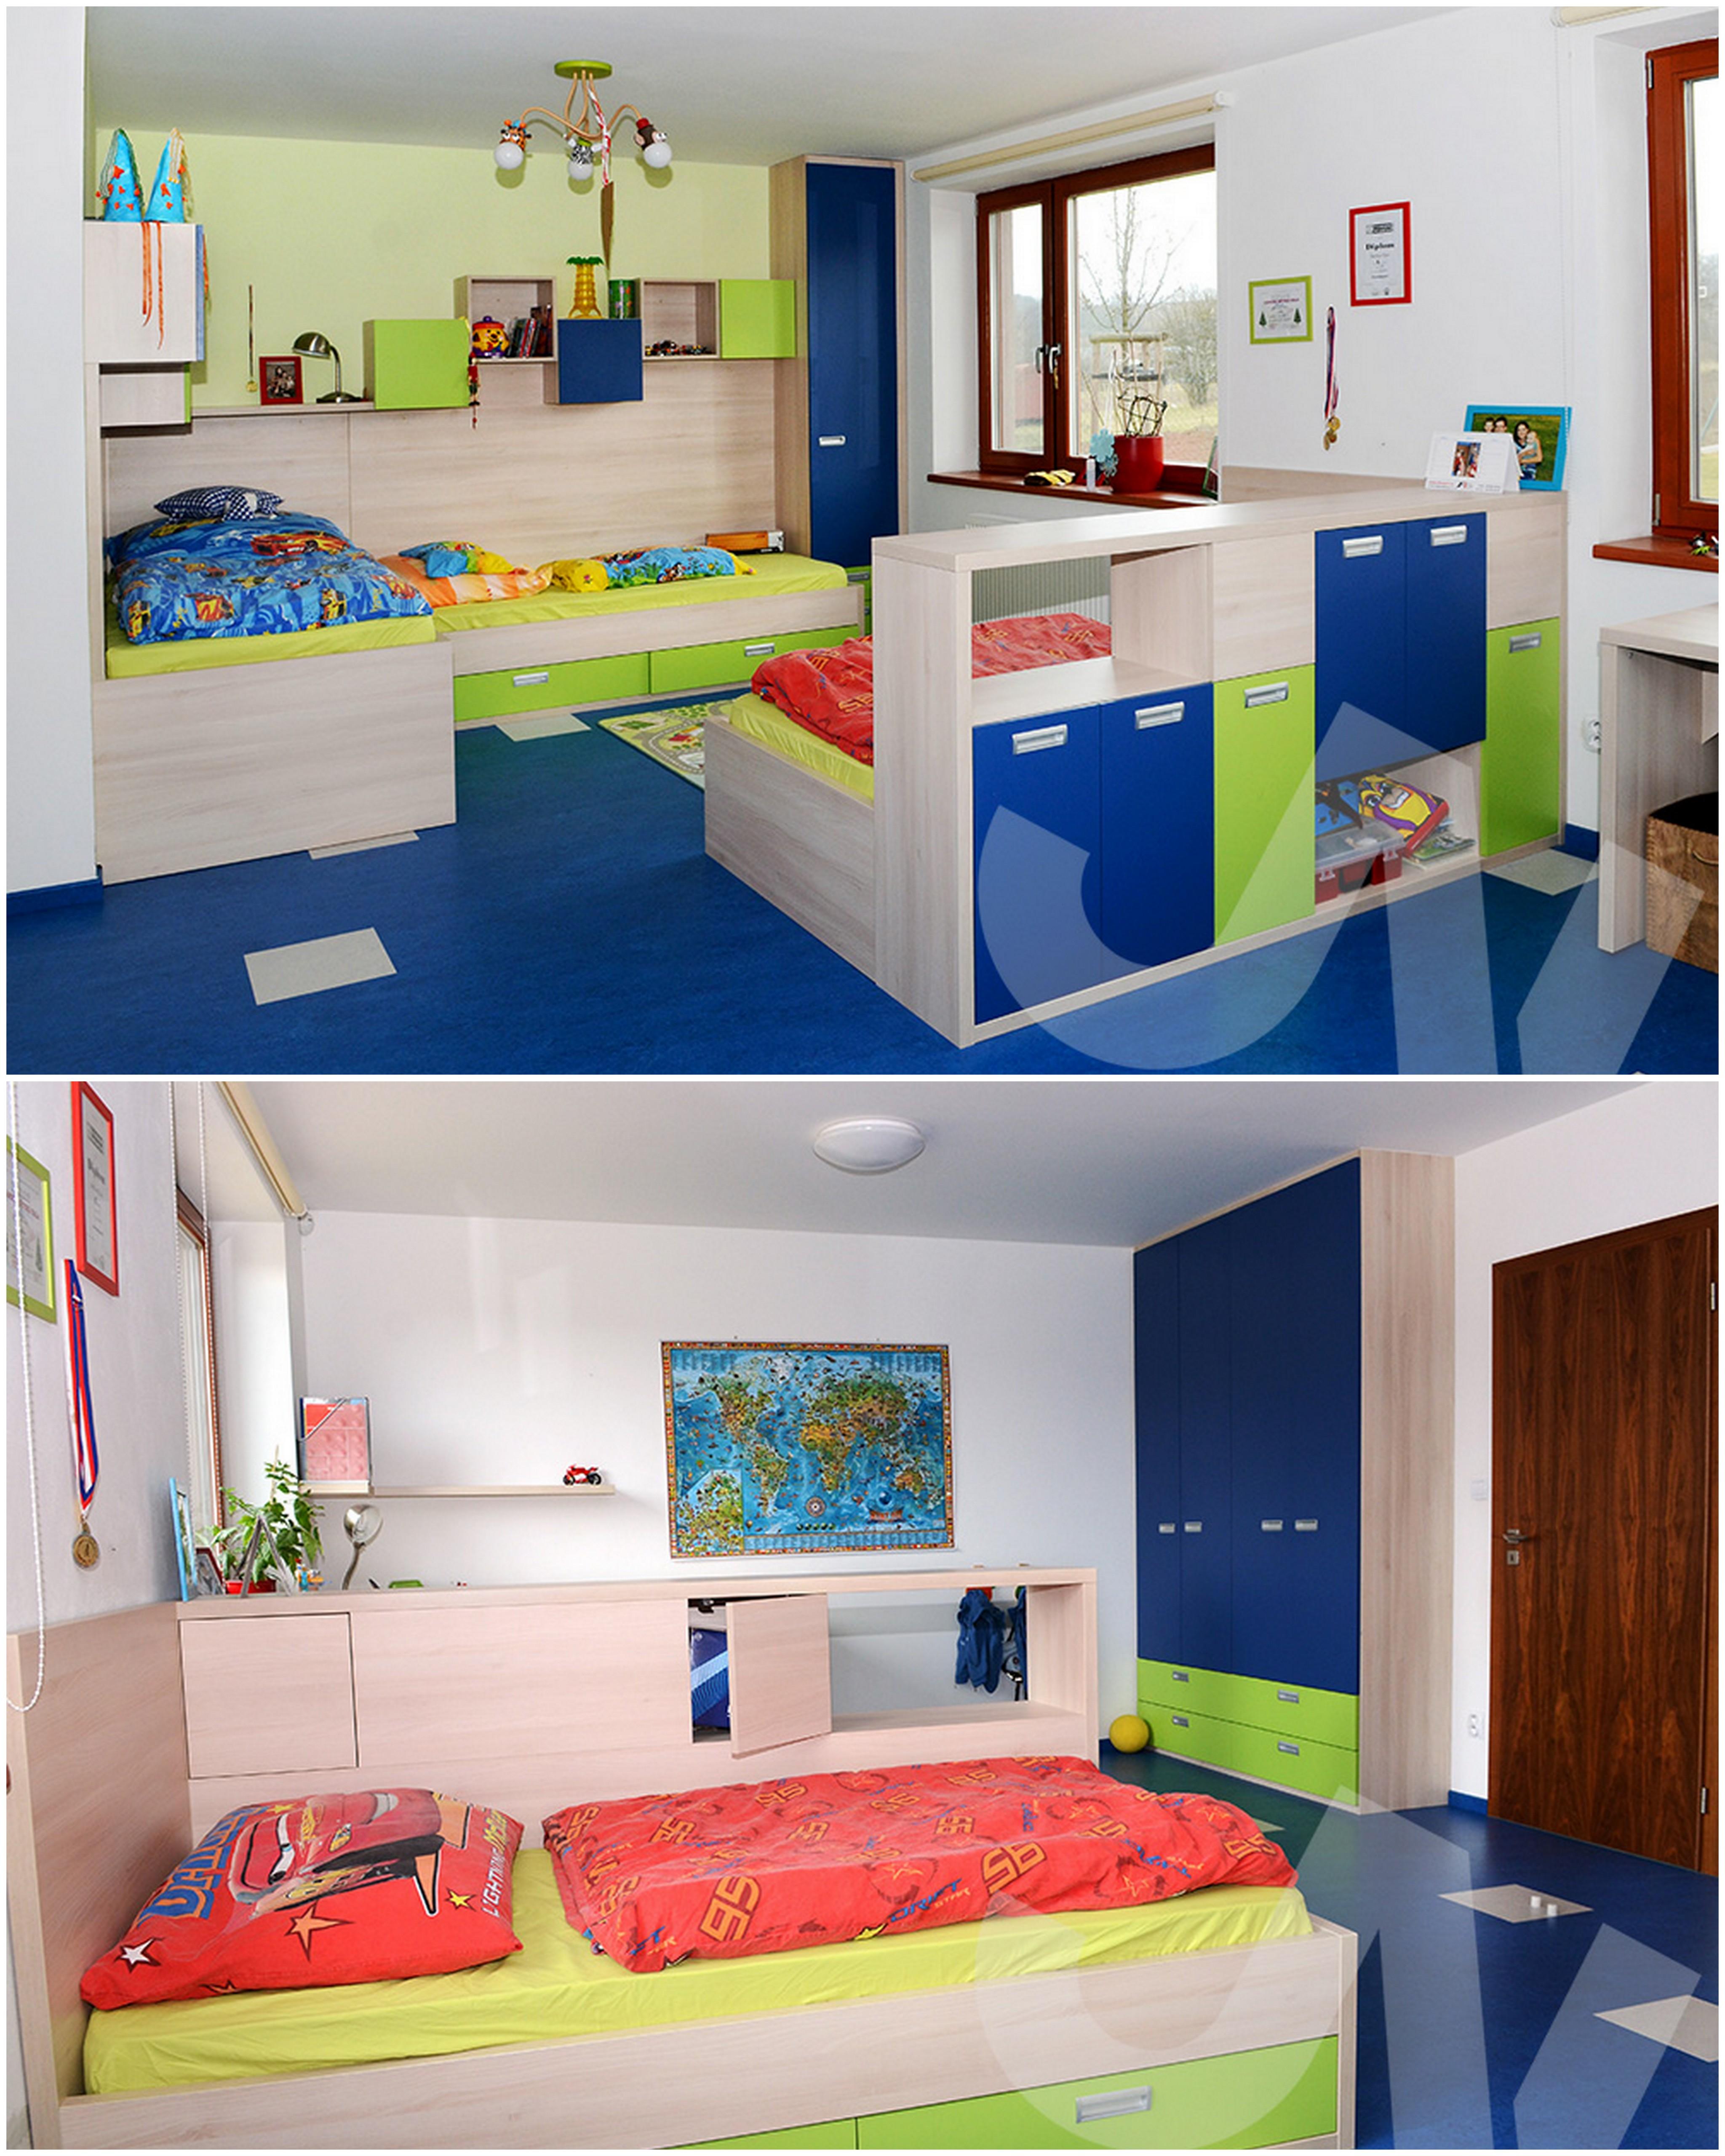 """Modro-zelené kombinace, která pokojíček rozzáří. Opět si všimněte skříňky, která rozděluje pokoj na dvě části. Na část """"spací"""" a na část """"hrací""""."""